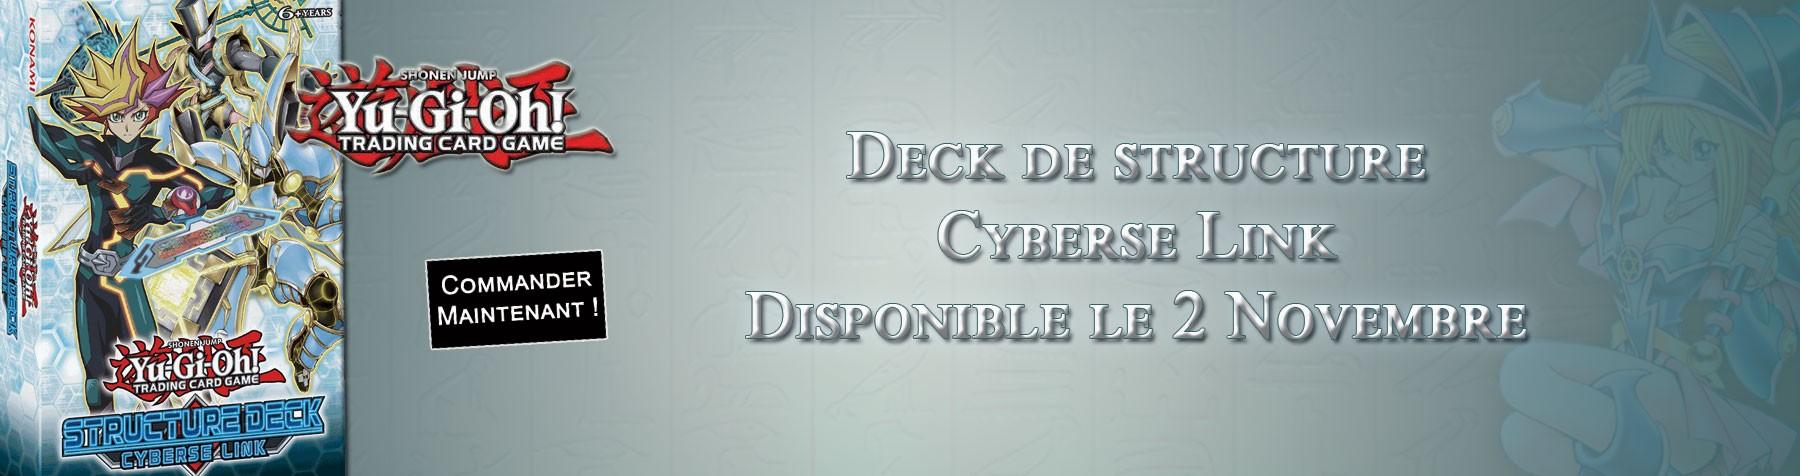 Yu-Gi-Oh ! Deck Cyberse Link